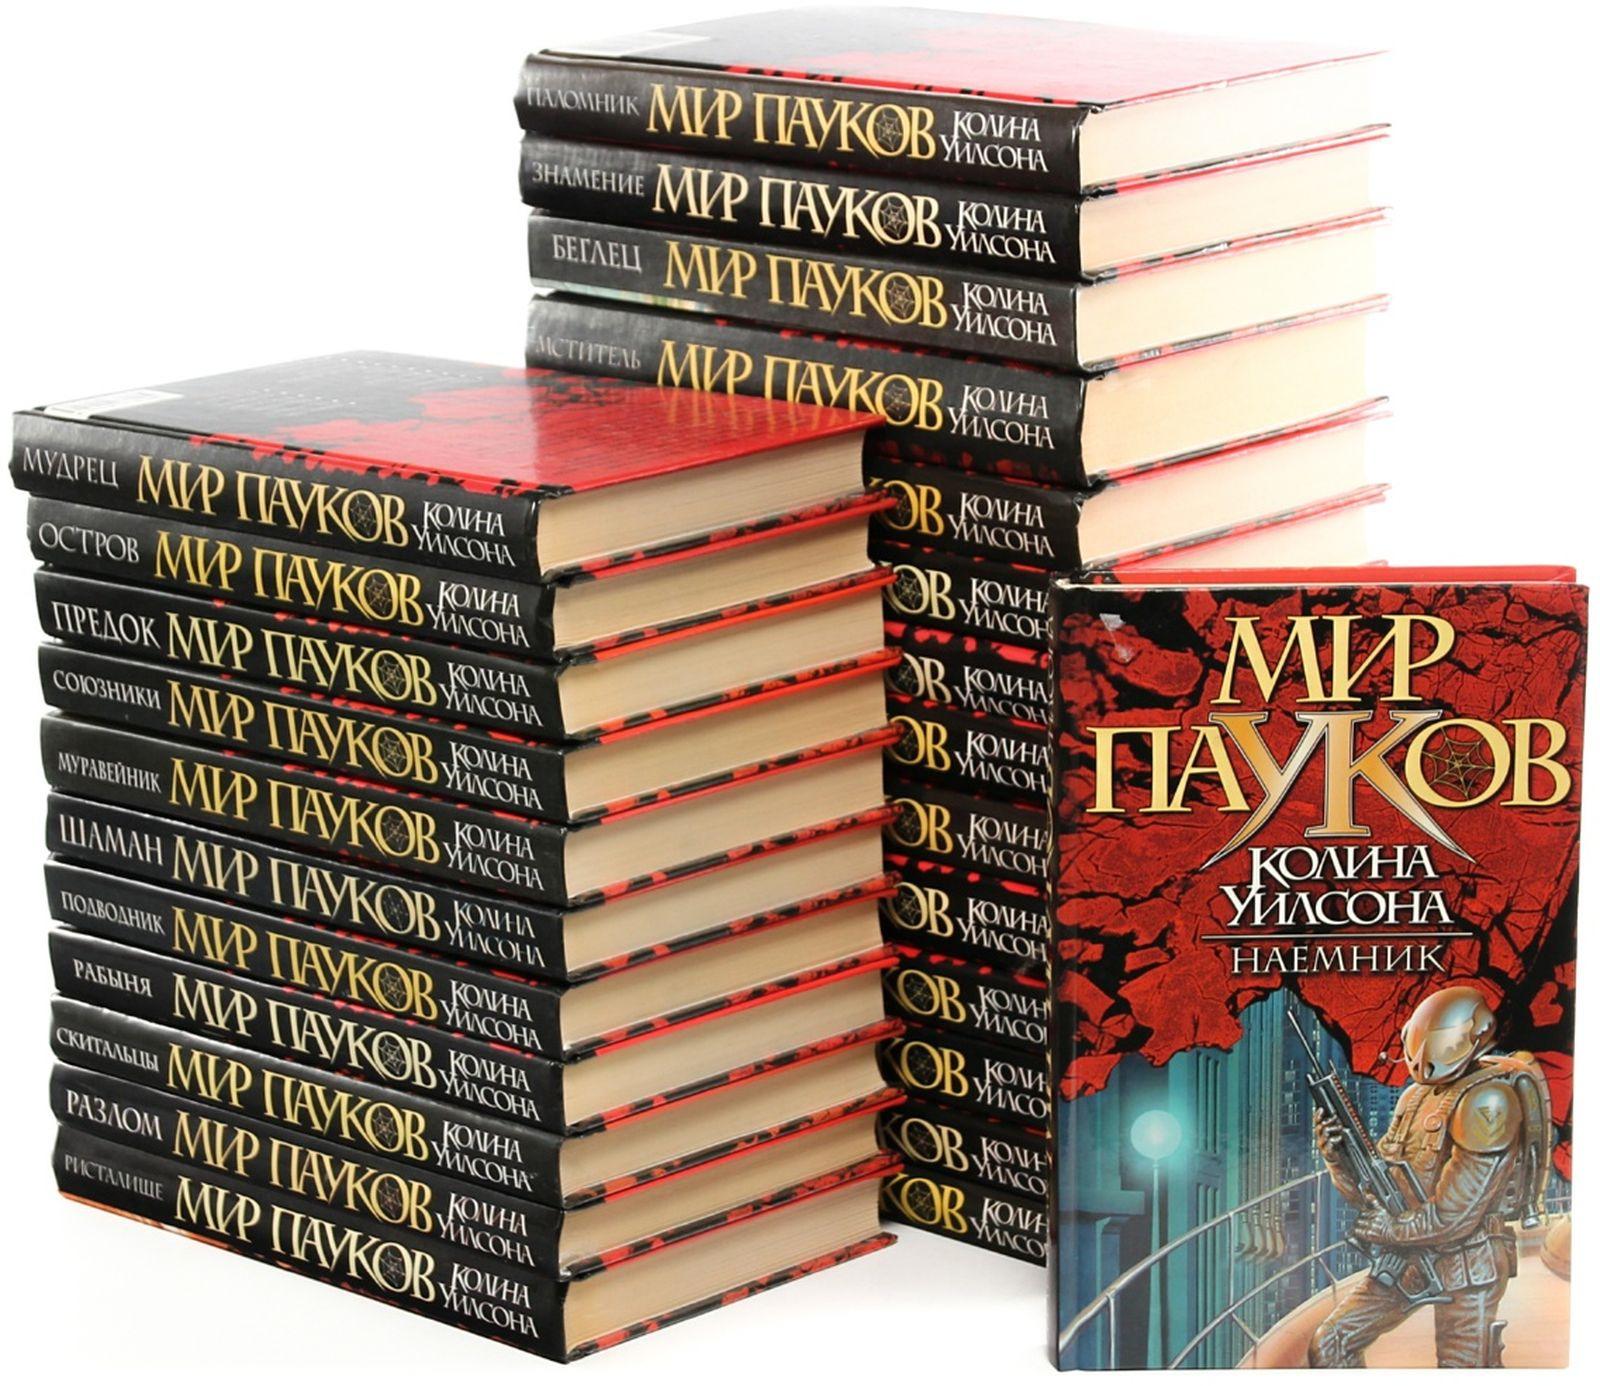 все цены на Мир пауков Колина Уилсона (комплект из 26 книг) онлайн